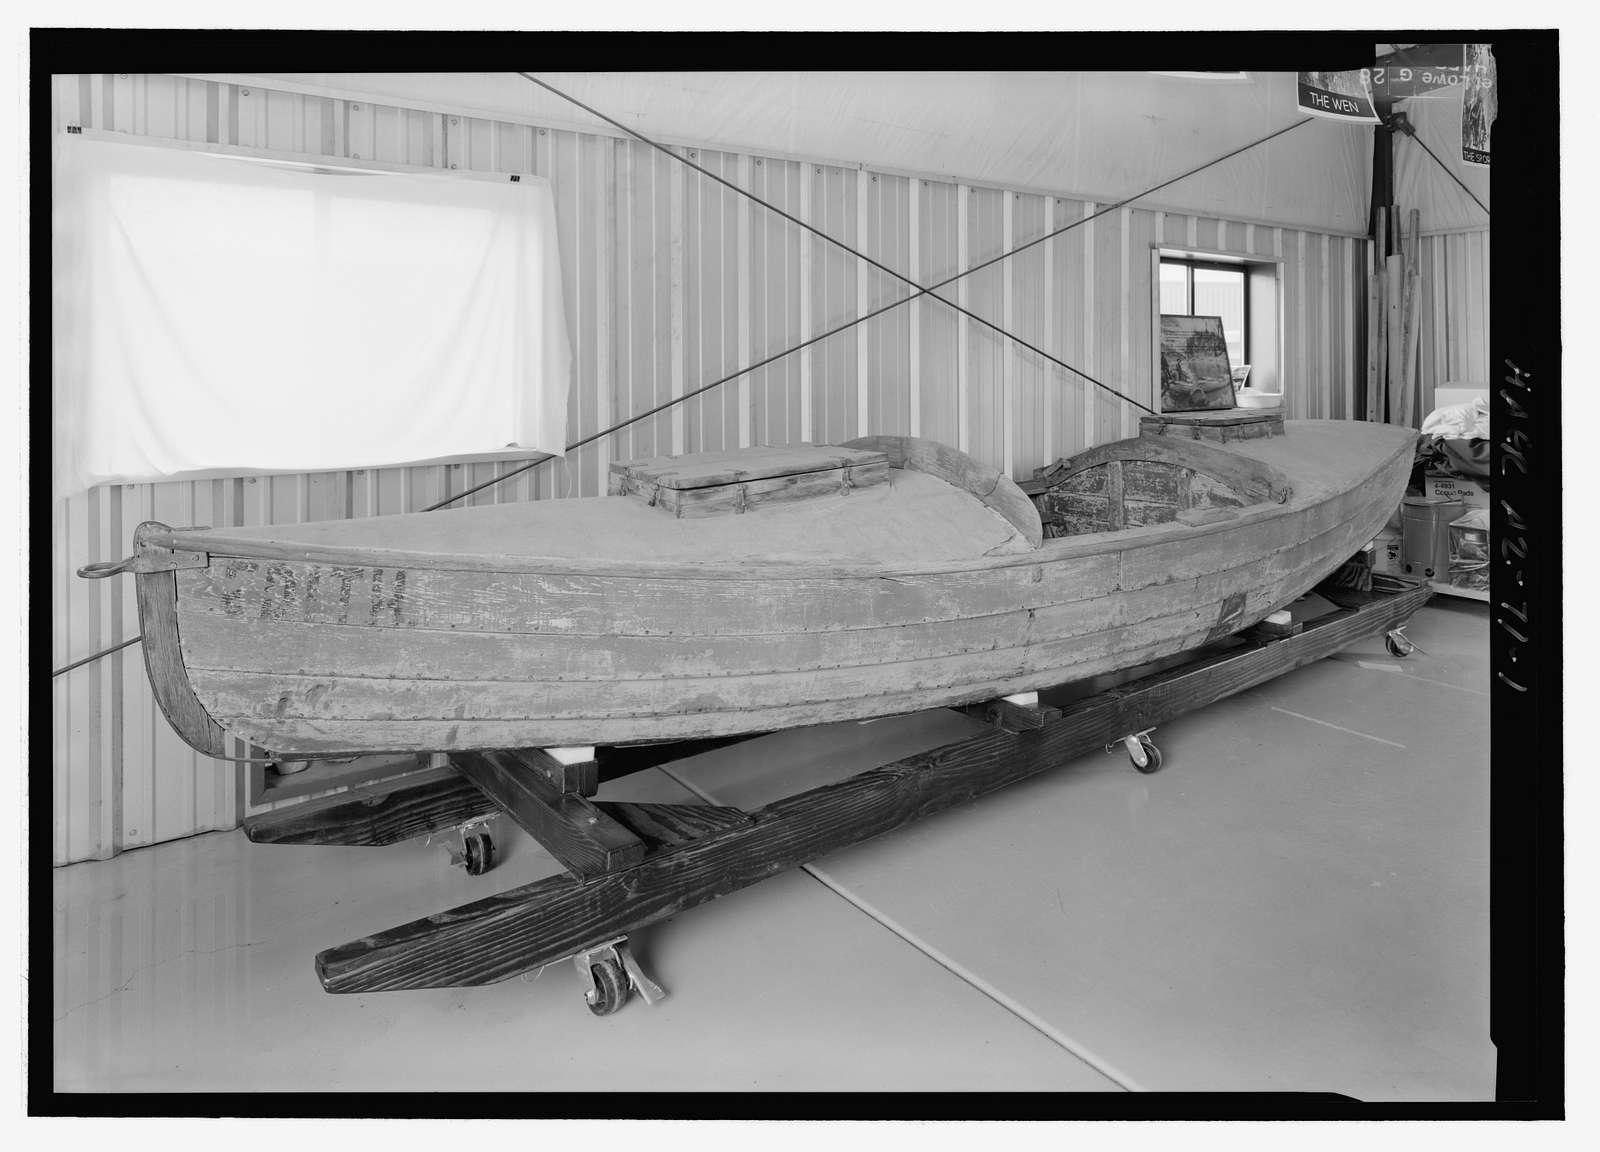 Galloway Type Cataract Boat EDITH, Grand Canyon, Coconino County, AZ